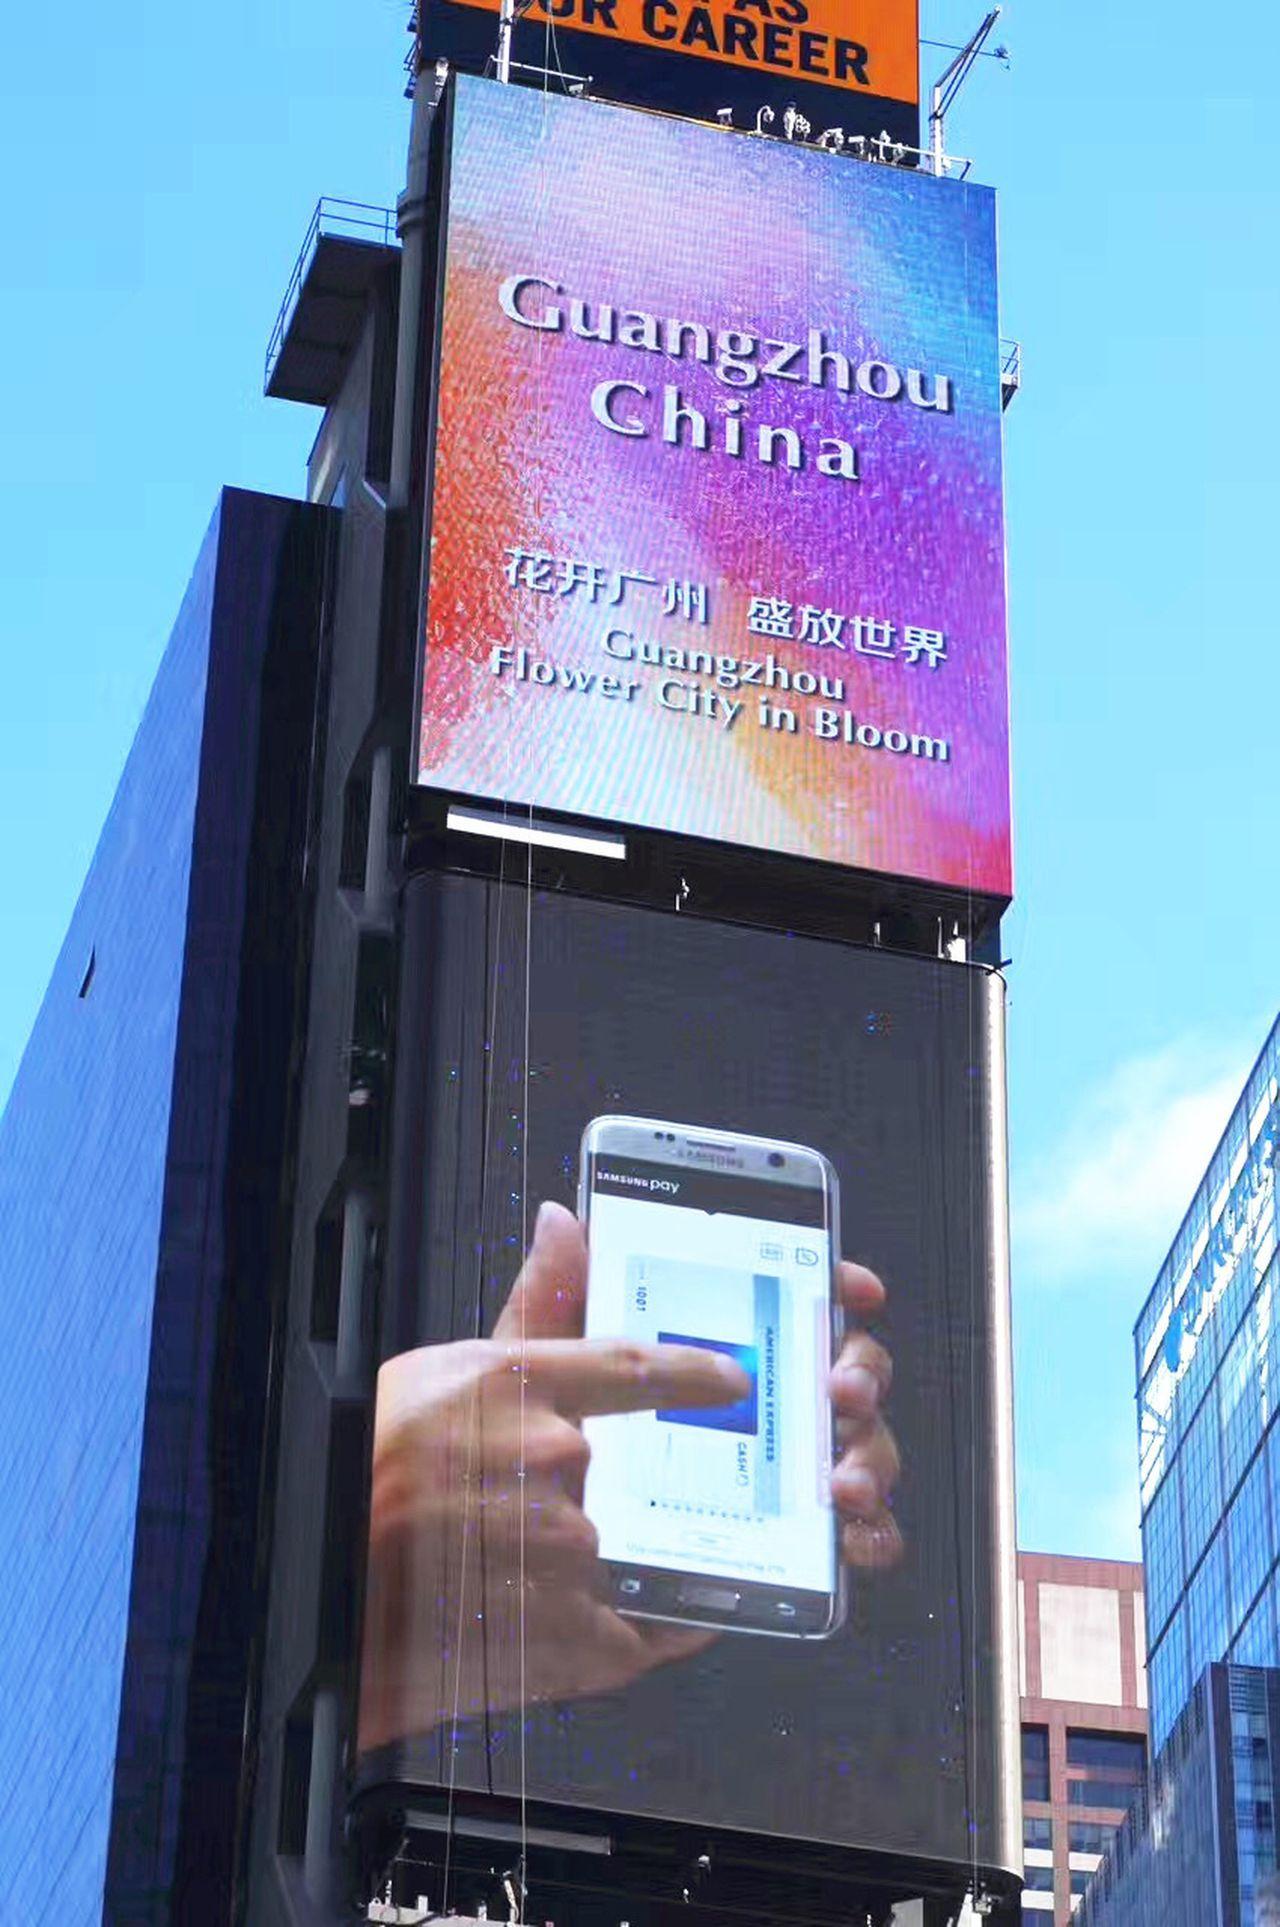 《花開廣州‧盛放世界》短片在紐約時報廣場全天熱播。(取材自大洋網)